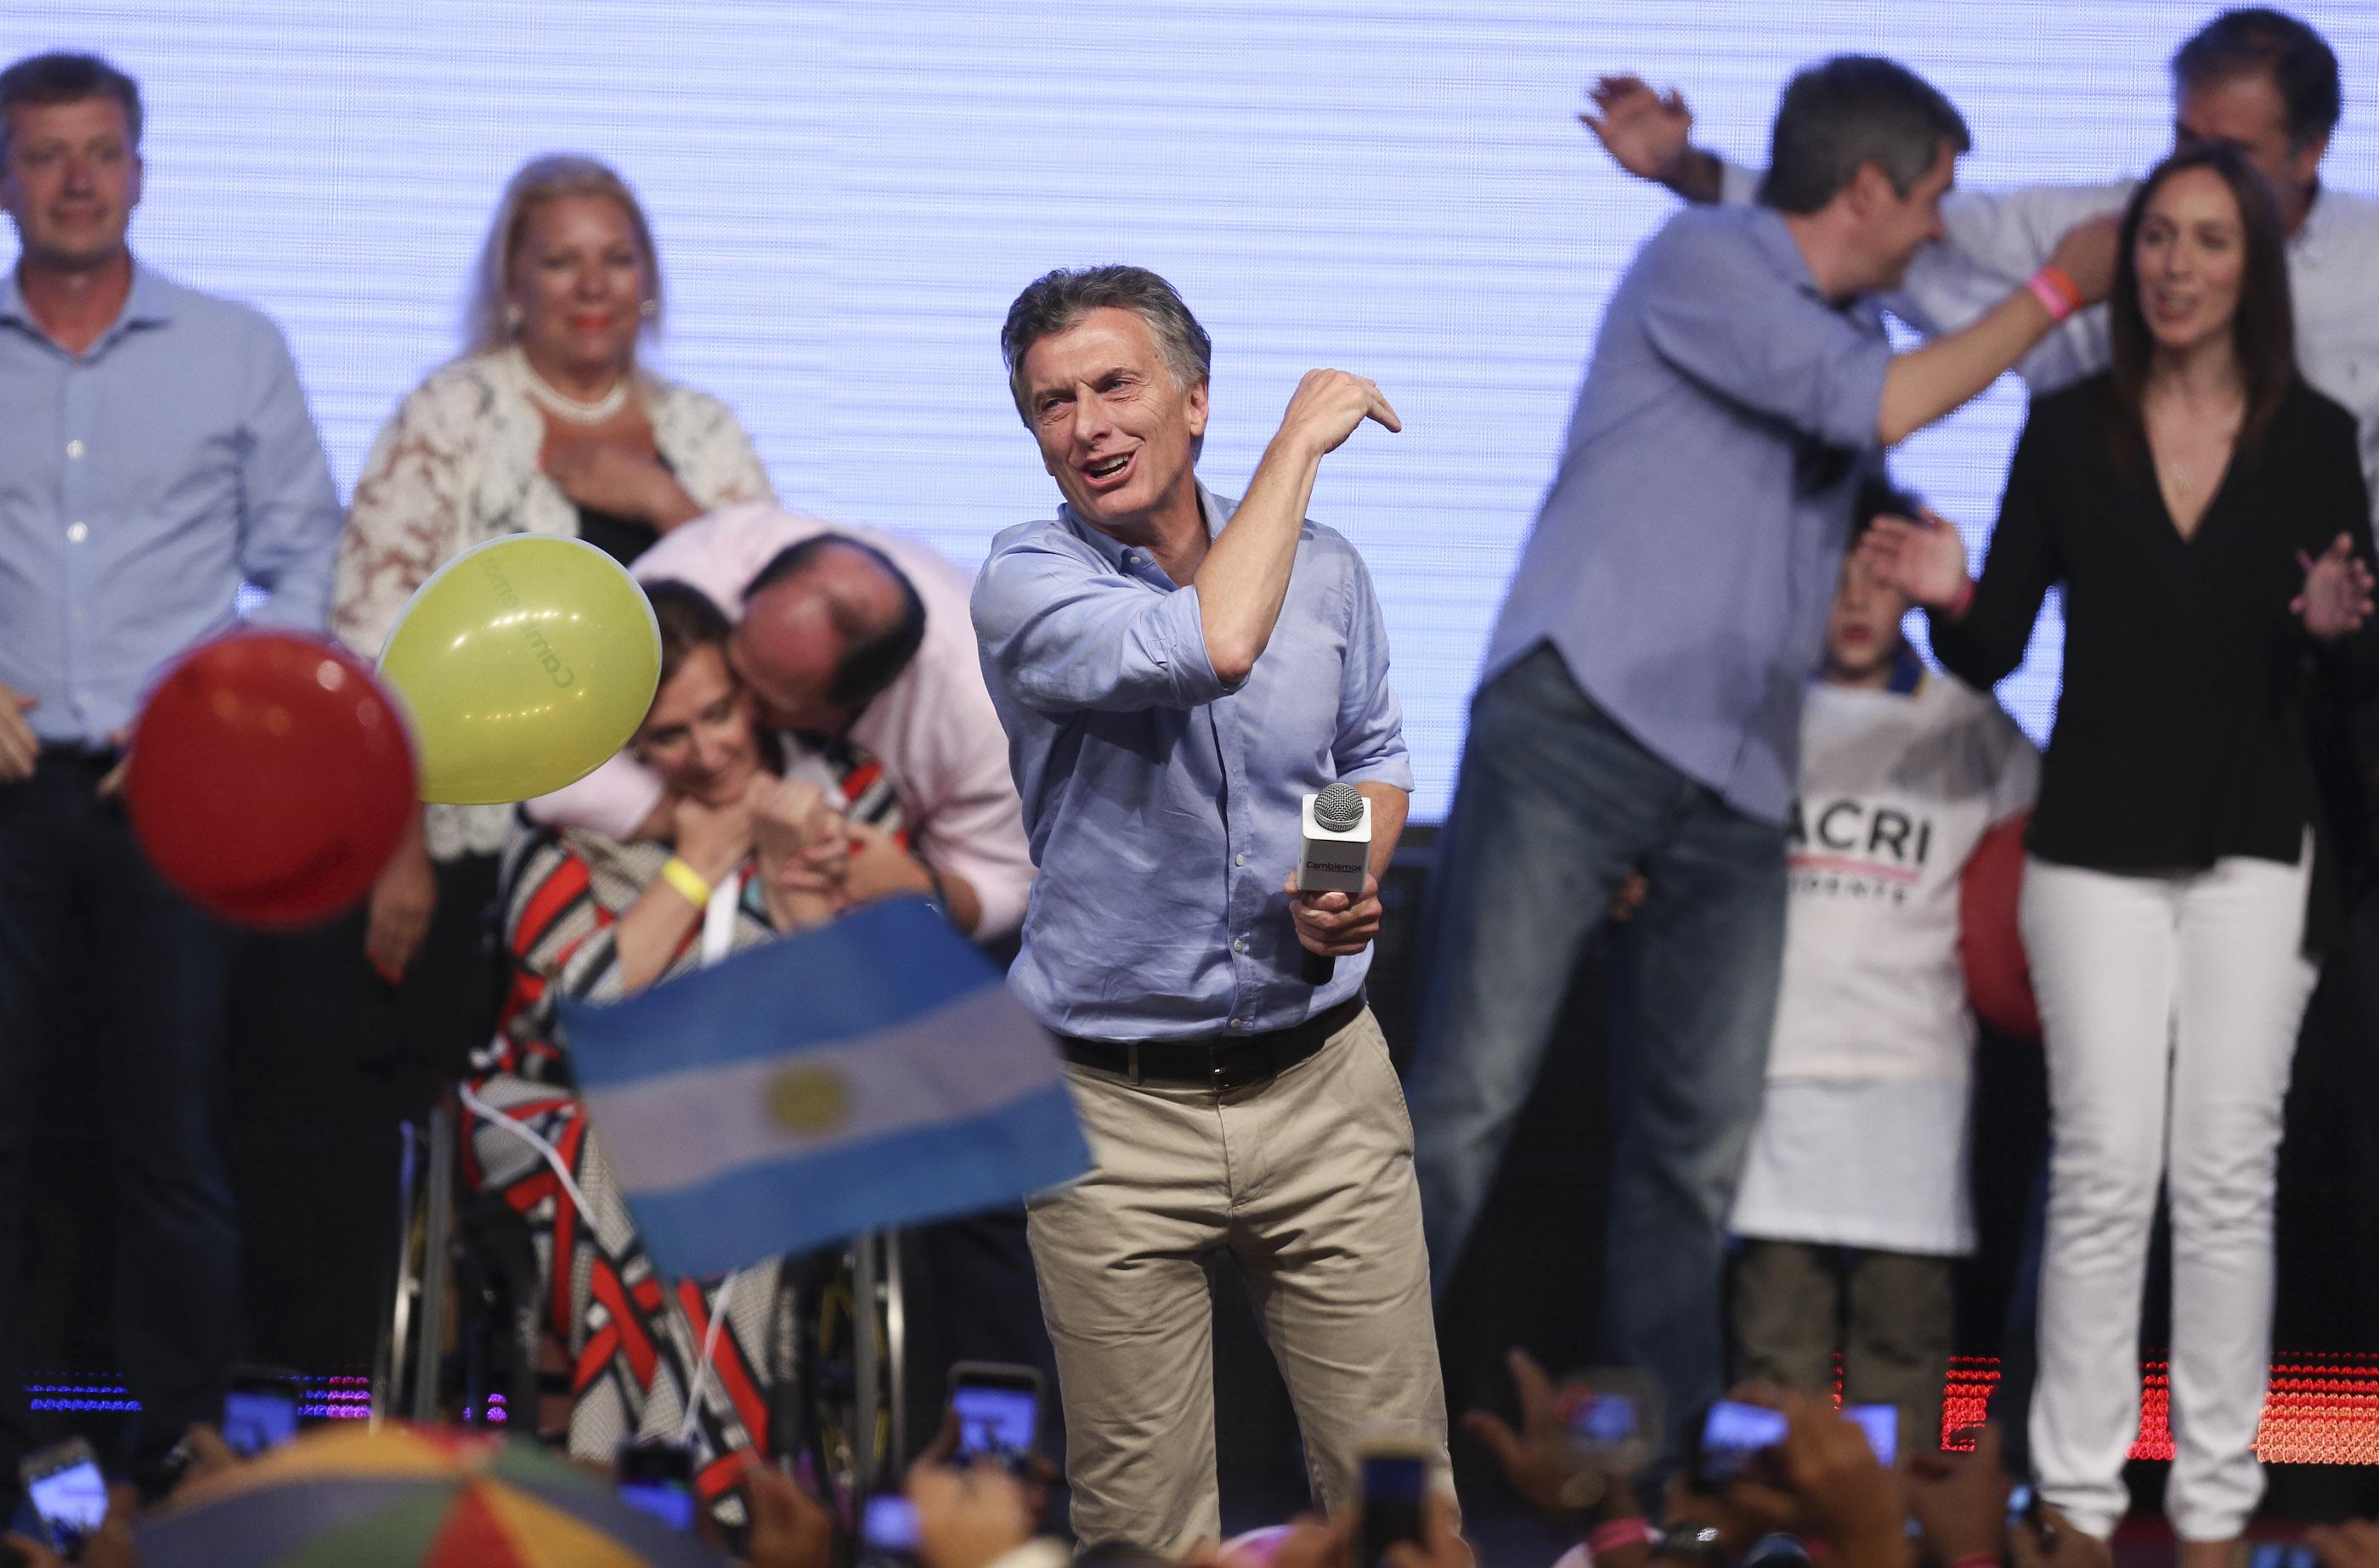 BUENOS AIRES (ARGENTINA), 22/11/2015.- El líder del frente opositor Cambiemos, Mauricio Macri, saluda a seguidores hoy, domingo 22 de noviembre de 2015, en Buenos Aires (Argentina). Mauricio Macri, ganó hoy la segunda vuelta de las elecciones presidenciales en Argentina y se convertirá en el nuevo mandatario del país, según los datos con más del 60 % del escrutinio efectuado. Con el 66,37 por ciento de las mesas escrutadas, Macri logró un 53,46 por ciento de votos frente al 46,54 por ciento del oficialista Daniel Scioli, del gobernante Frente para la Victoria. Los datos difundidos por el Ejecutivo argentino, a cargo del escrutinio provisional de los comicios, indican que el nivel de participación en esta jornada electoral ha sido del 80,63 por ciento. Inmediatamente después de conocerse estos resultados, Scioli reconoció su derrota y felicitó a su oponente. EFE/David Fernández